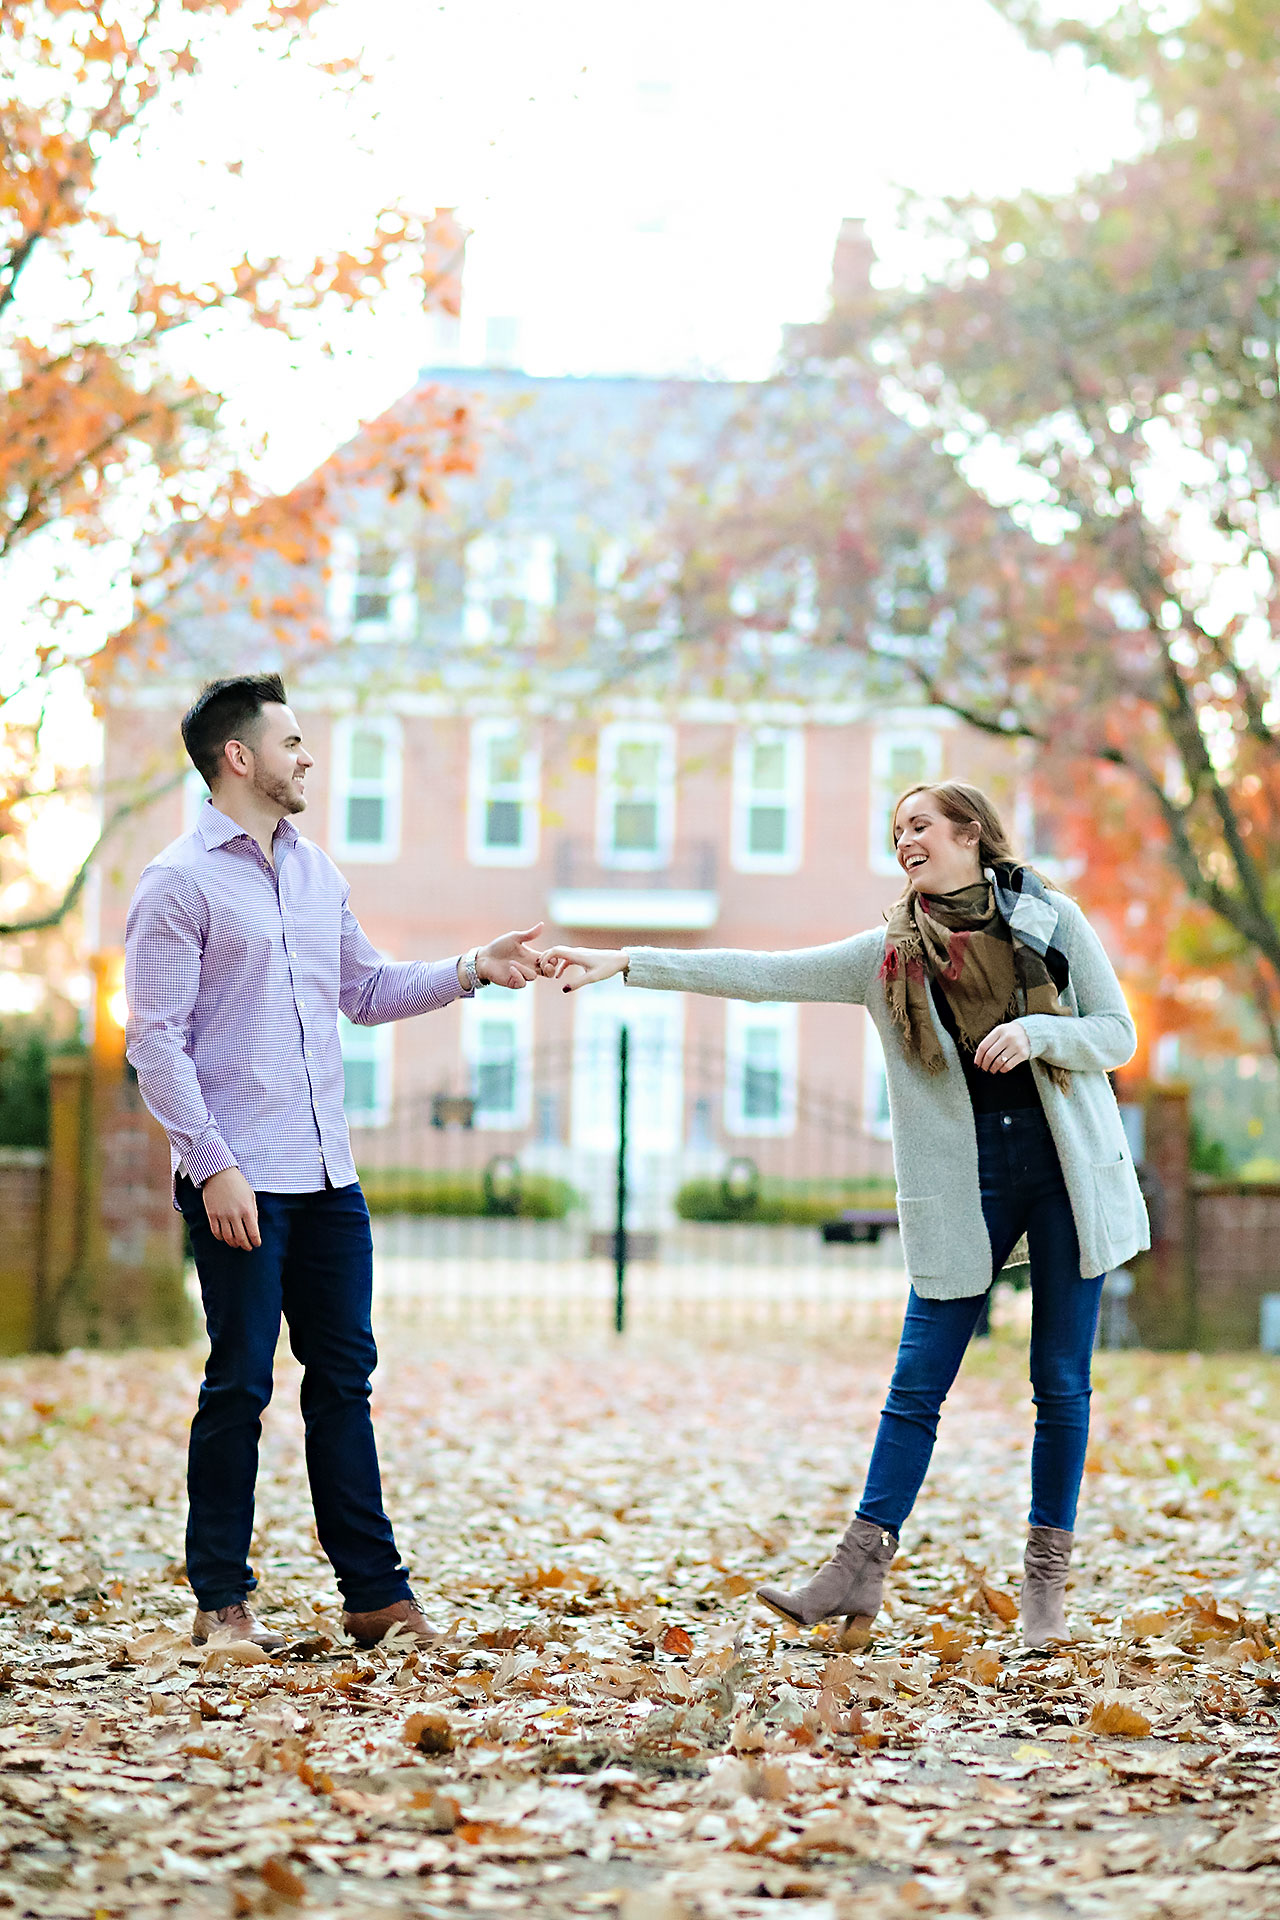 Callie Josh Carmel Indiana Engagement Session 111